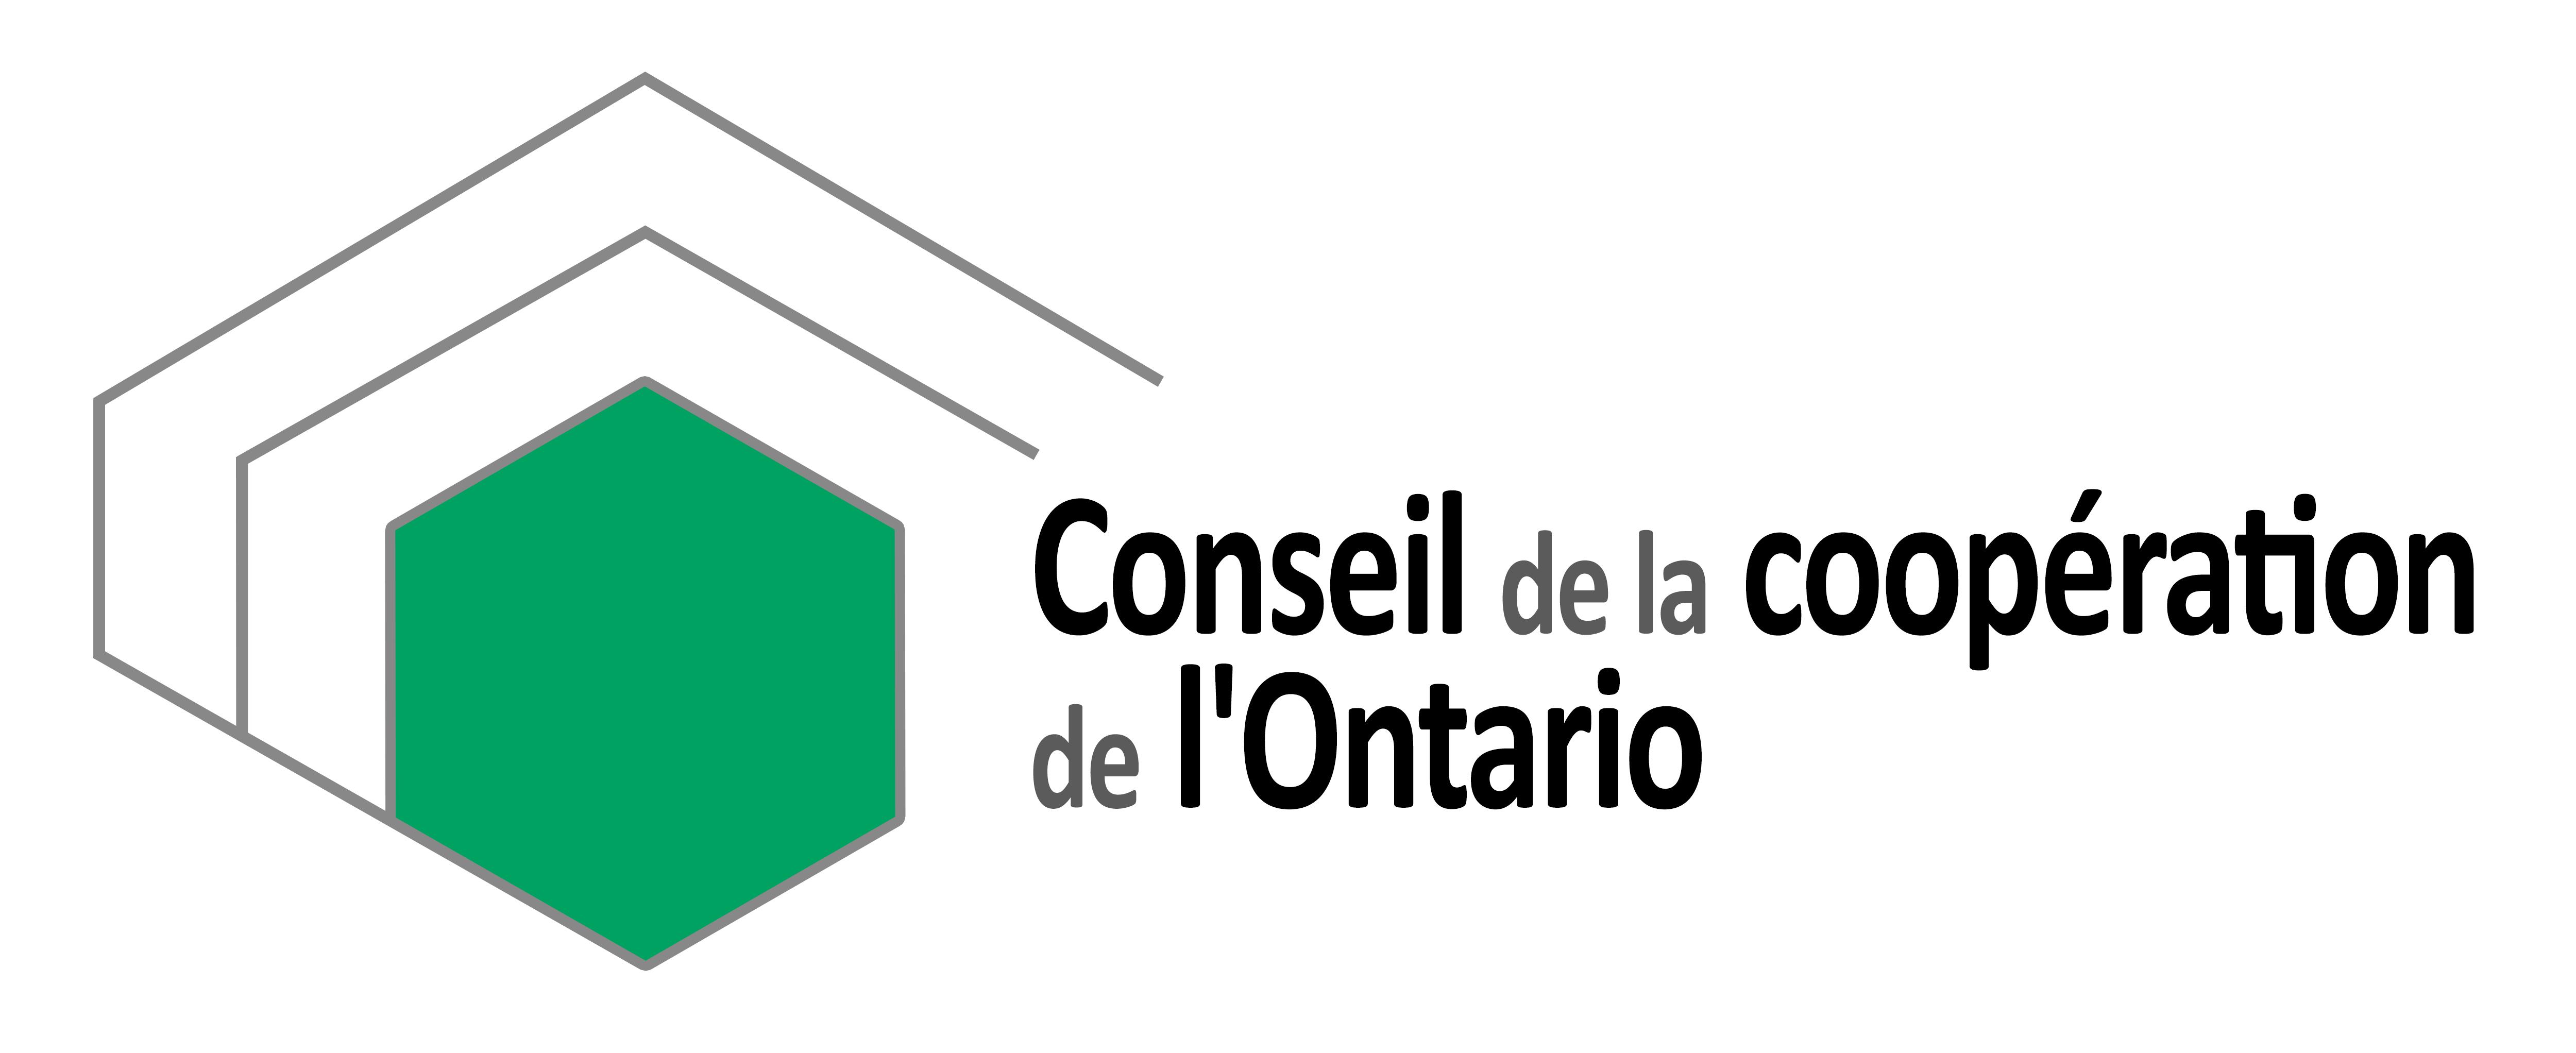 Le Conseil de la coopération de l'Ontario